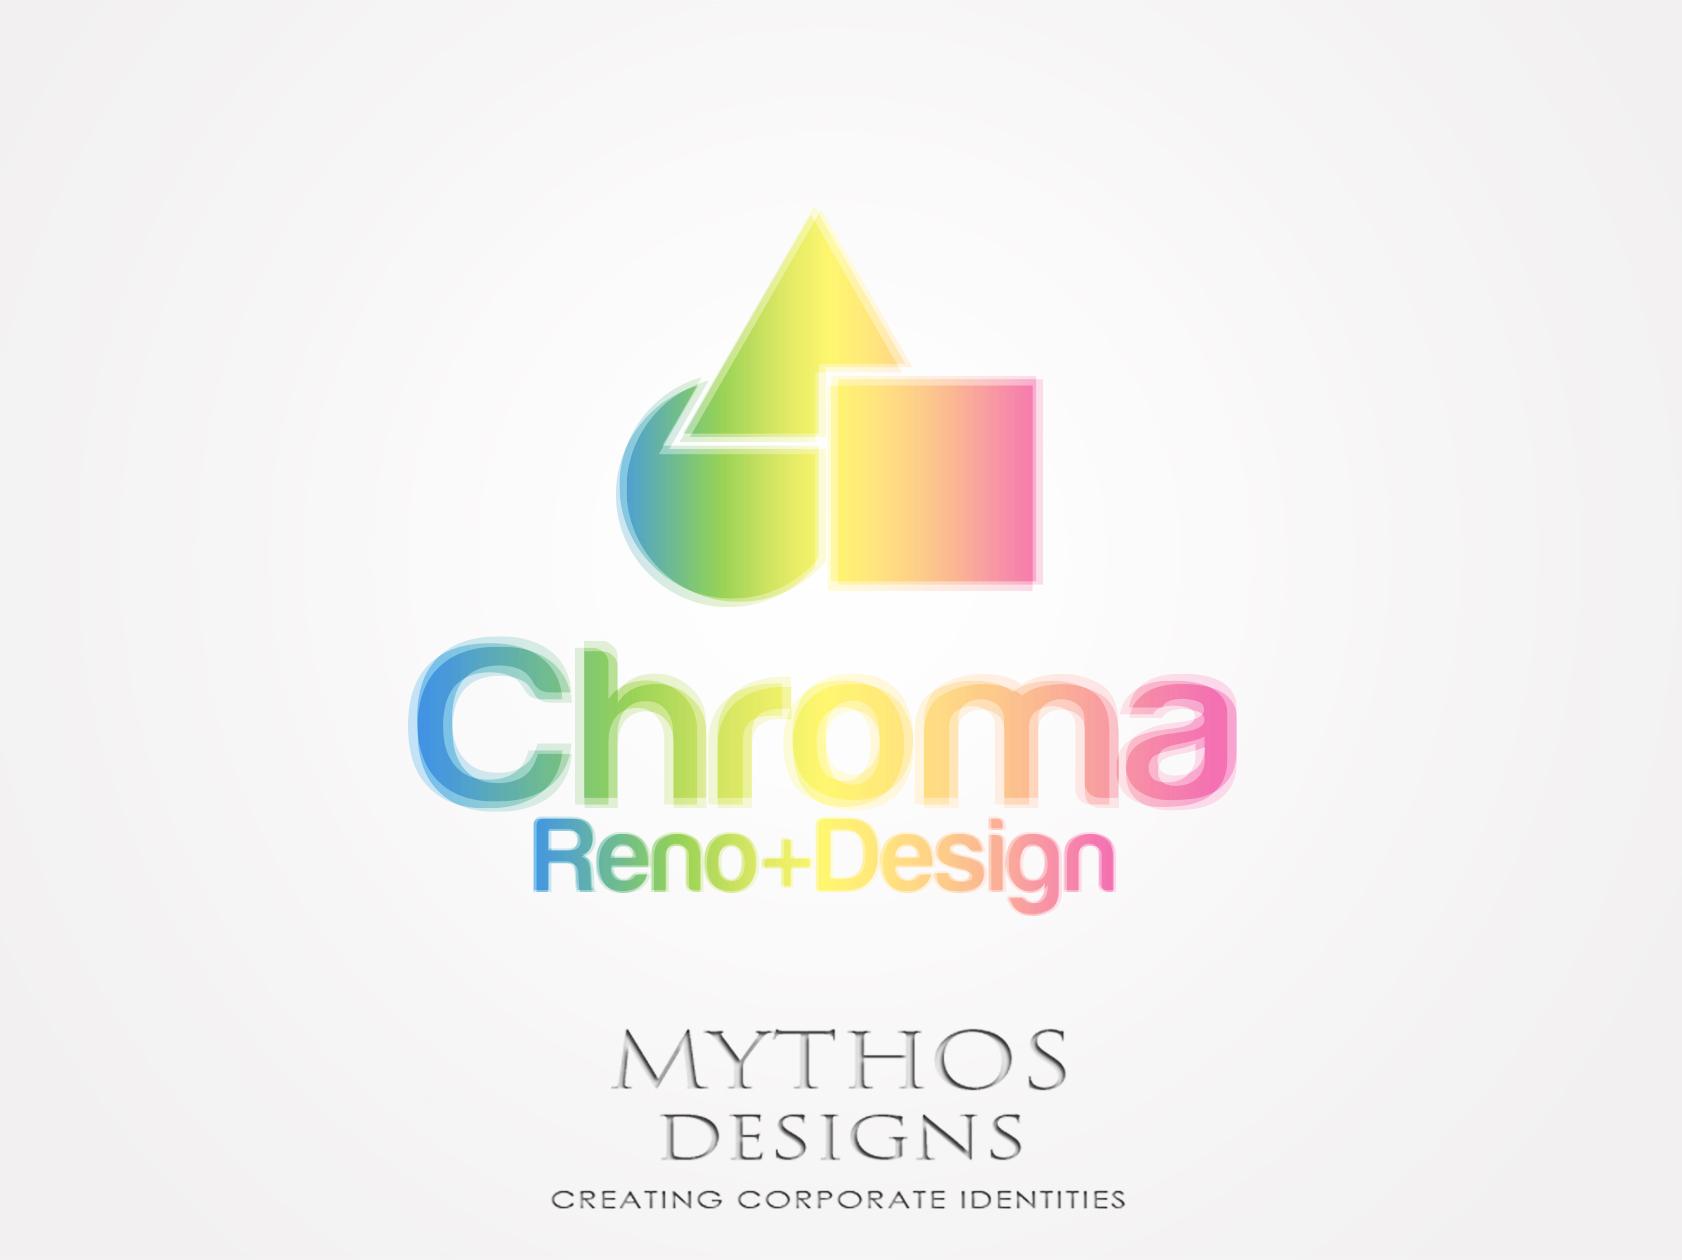 Logo Design by Mythos Designs - Entry No. 278 in the Logo Design Contest Inspiring Logo Design for Chroma Reno+Design.